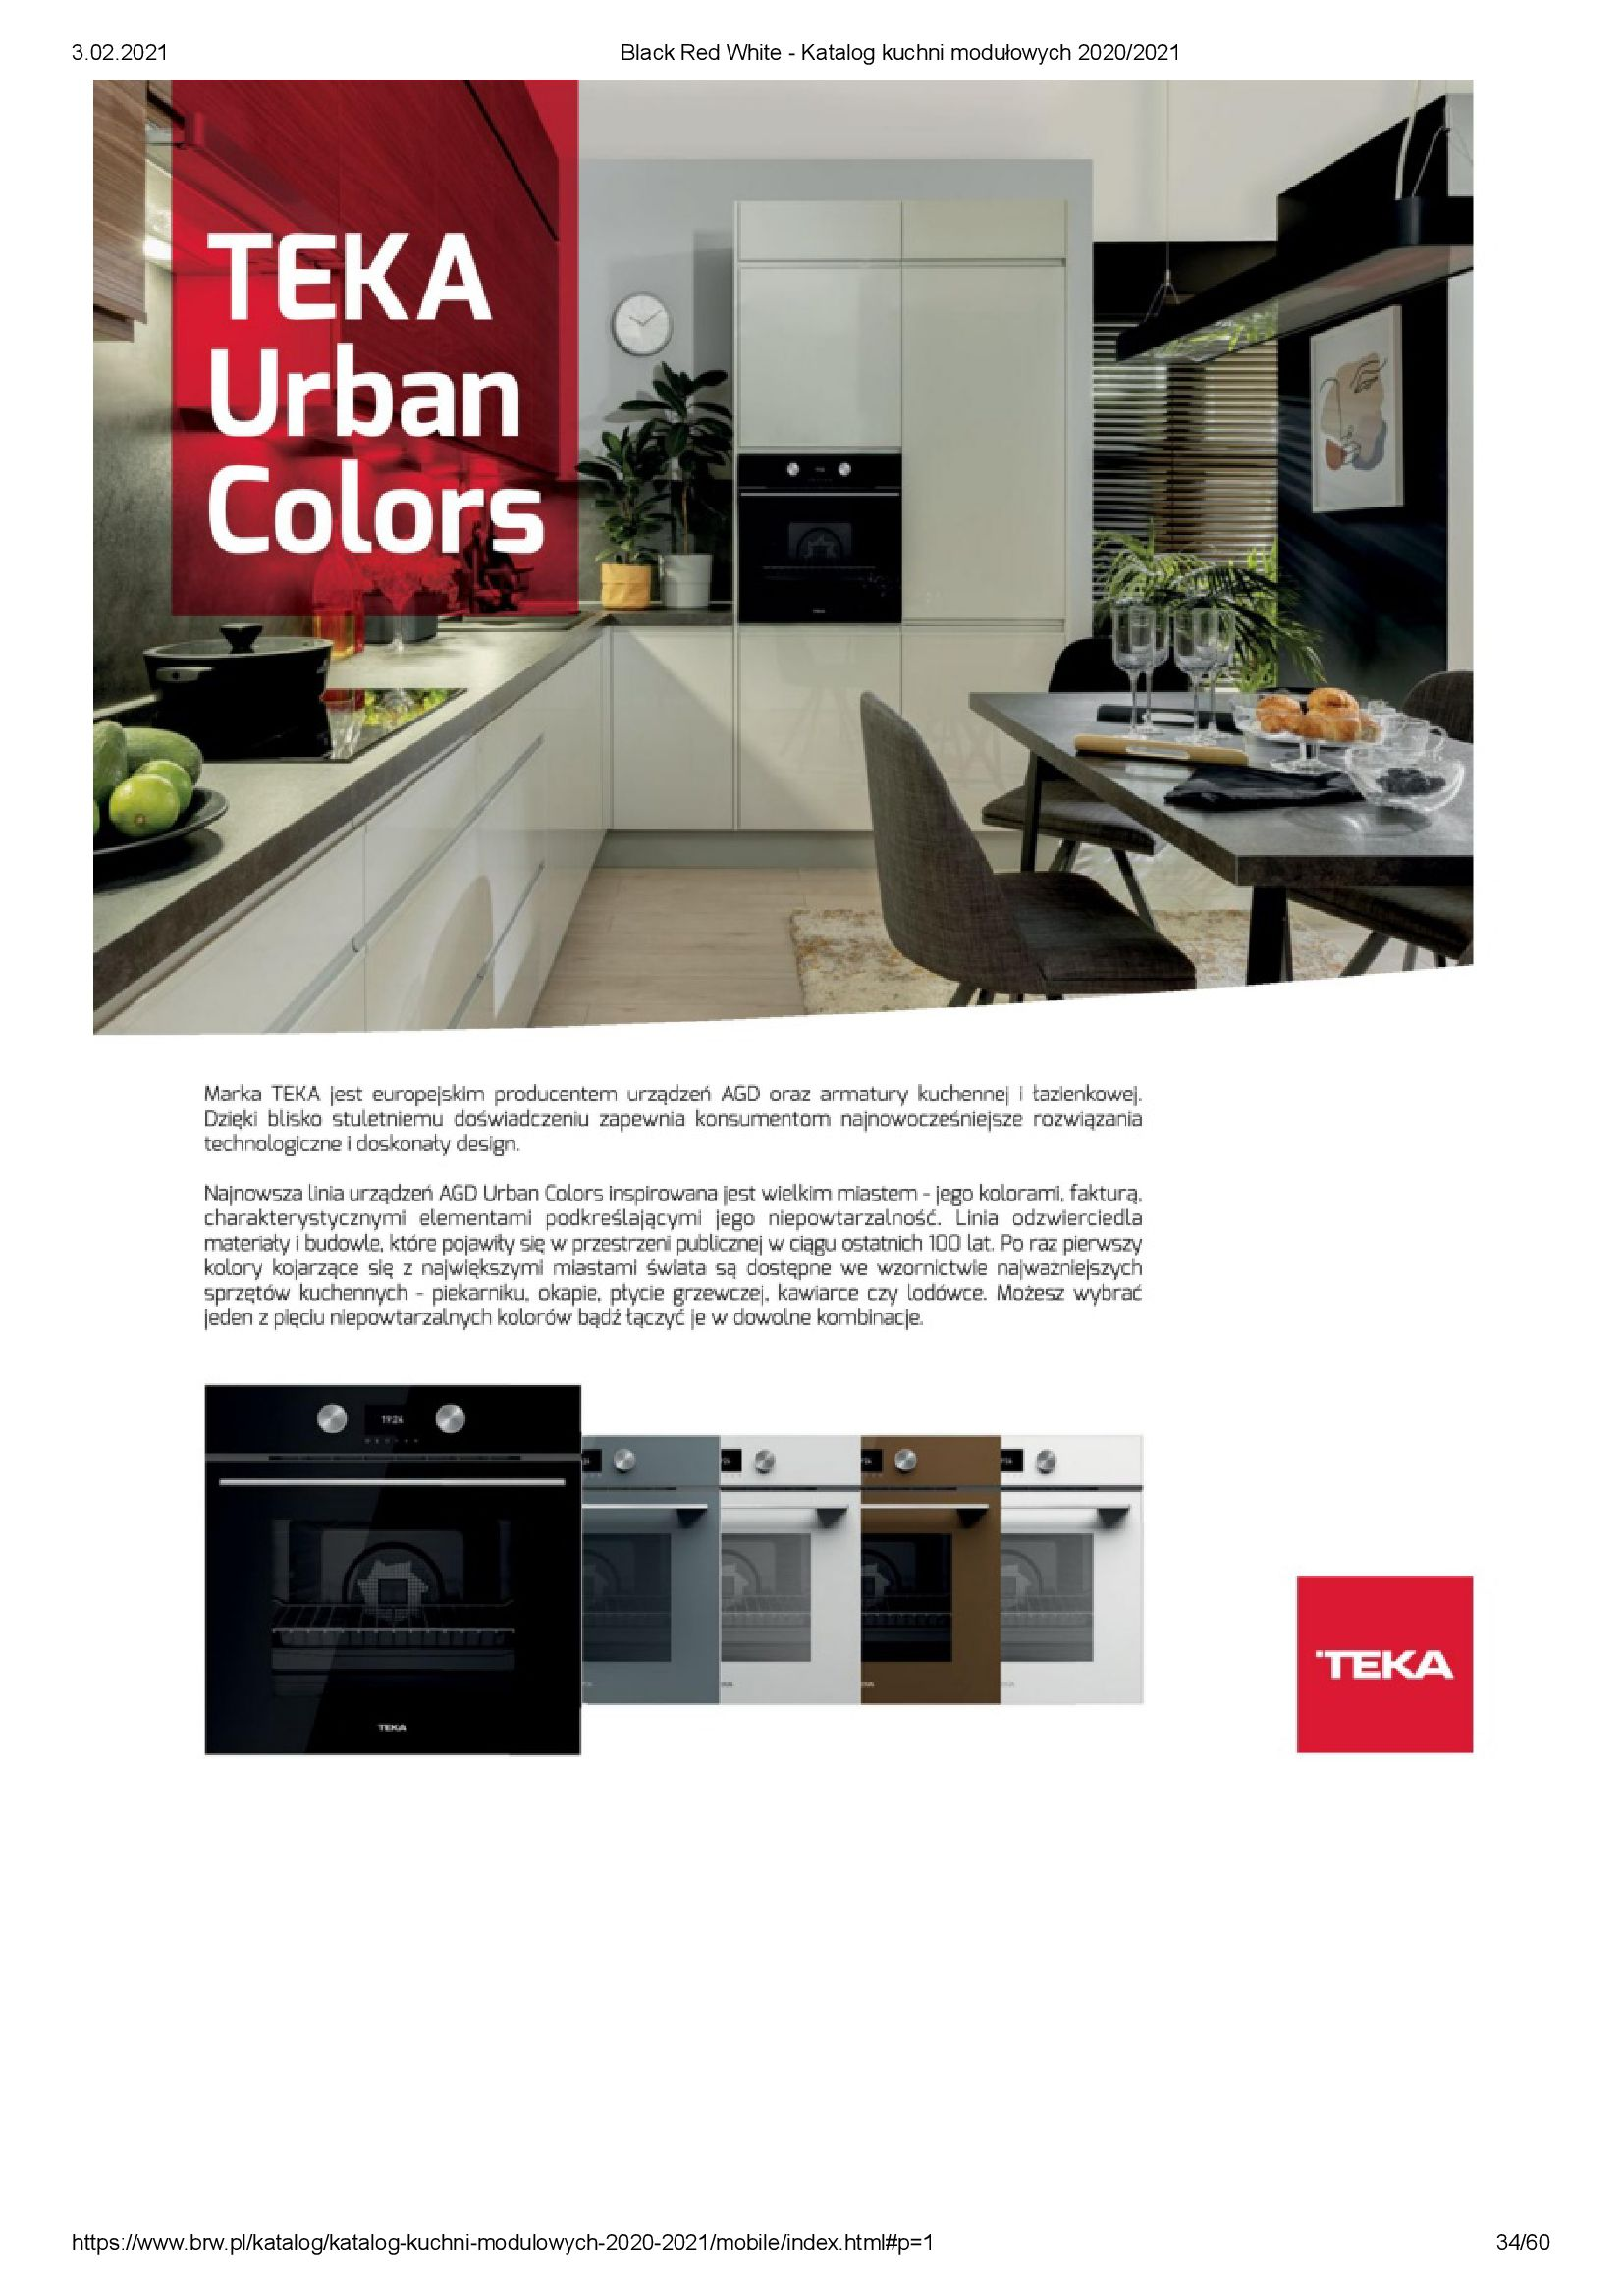 Gazetka Black Red White: Katalog - Kuchnie modułowe 2020/2021 2021-01-01 page-34